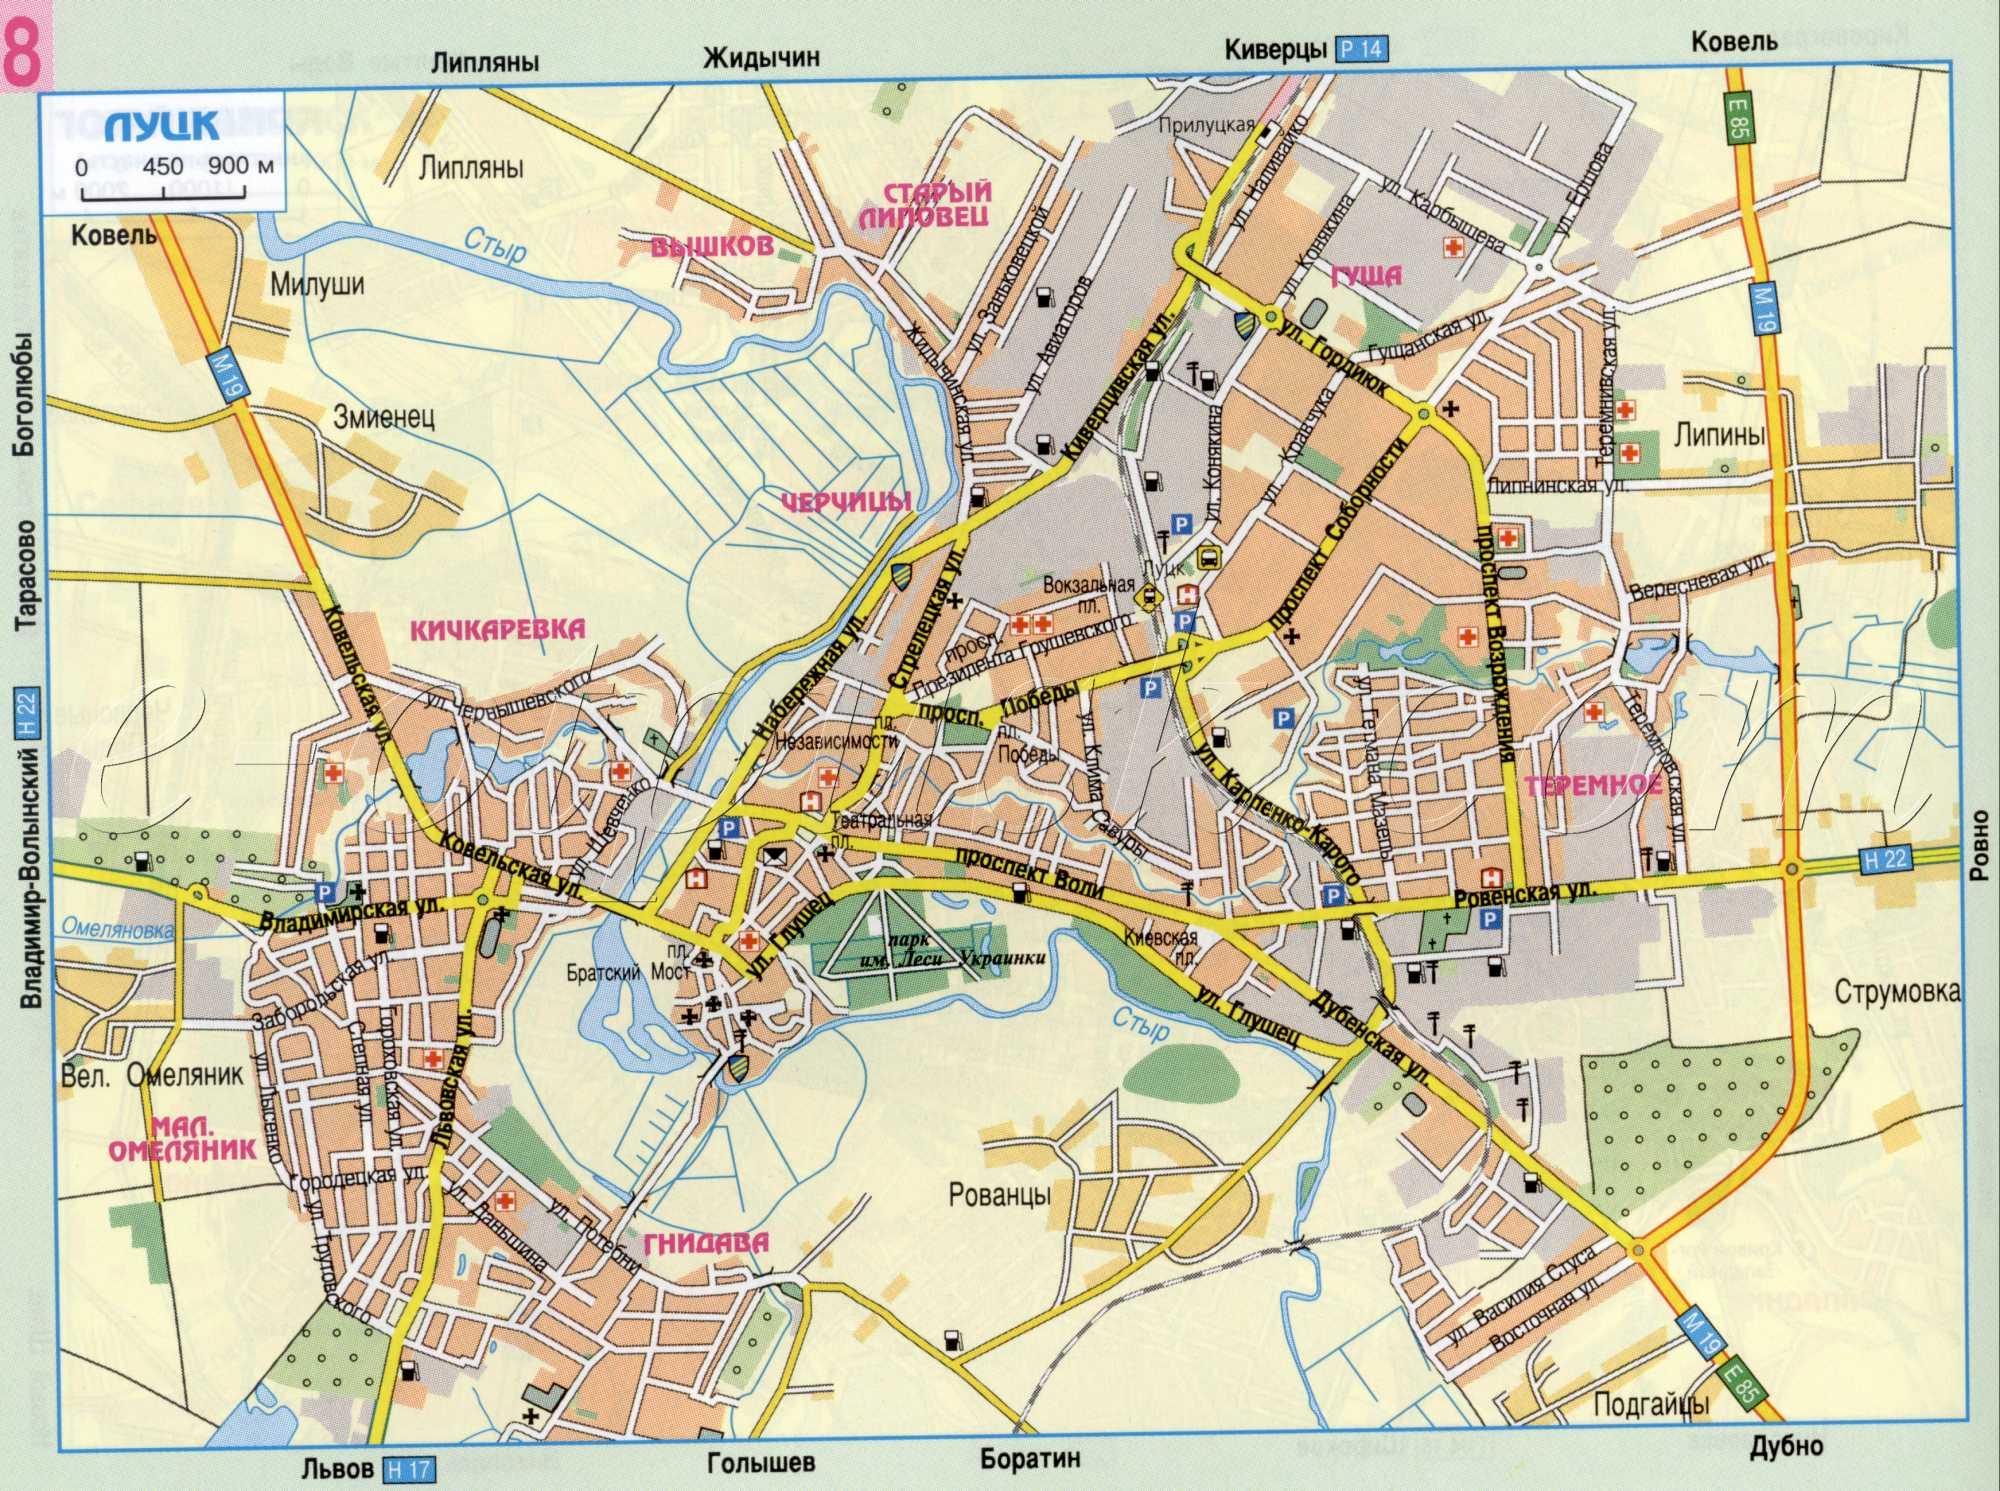 Карта луцка автомобильная схема